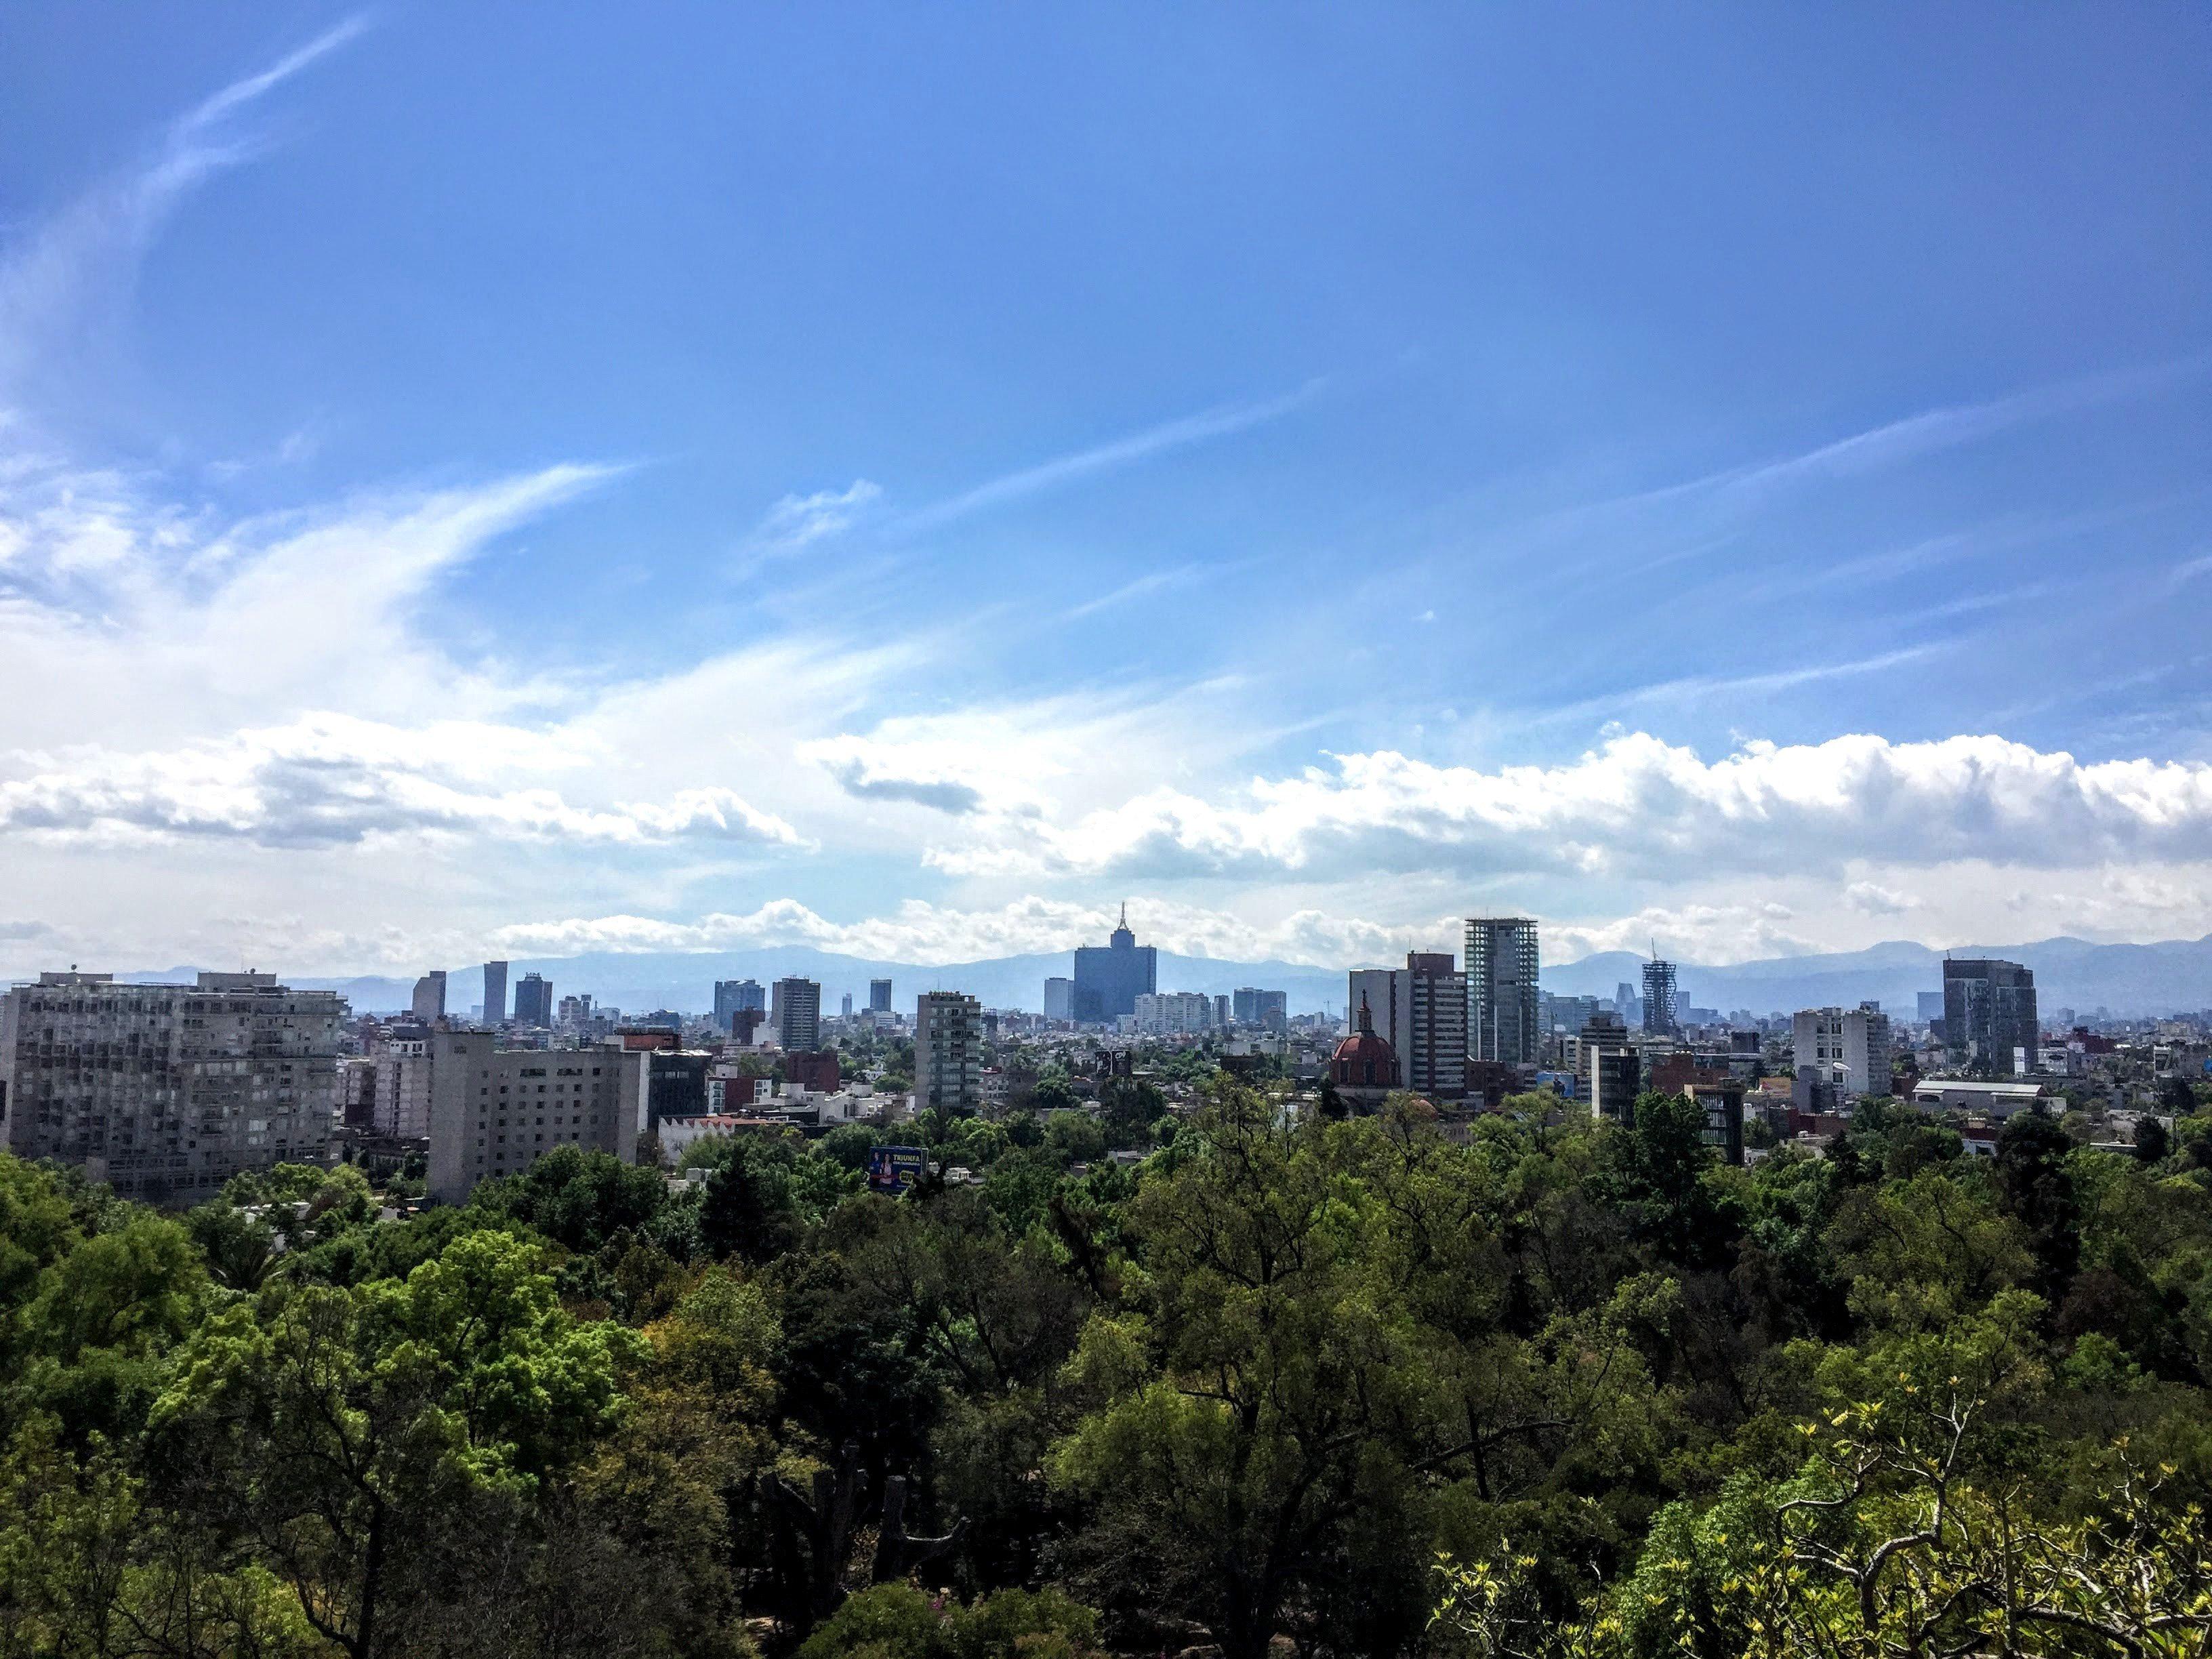 Chapultepec Park and Mexico City skyline